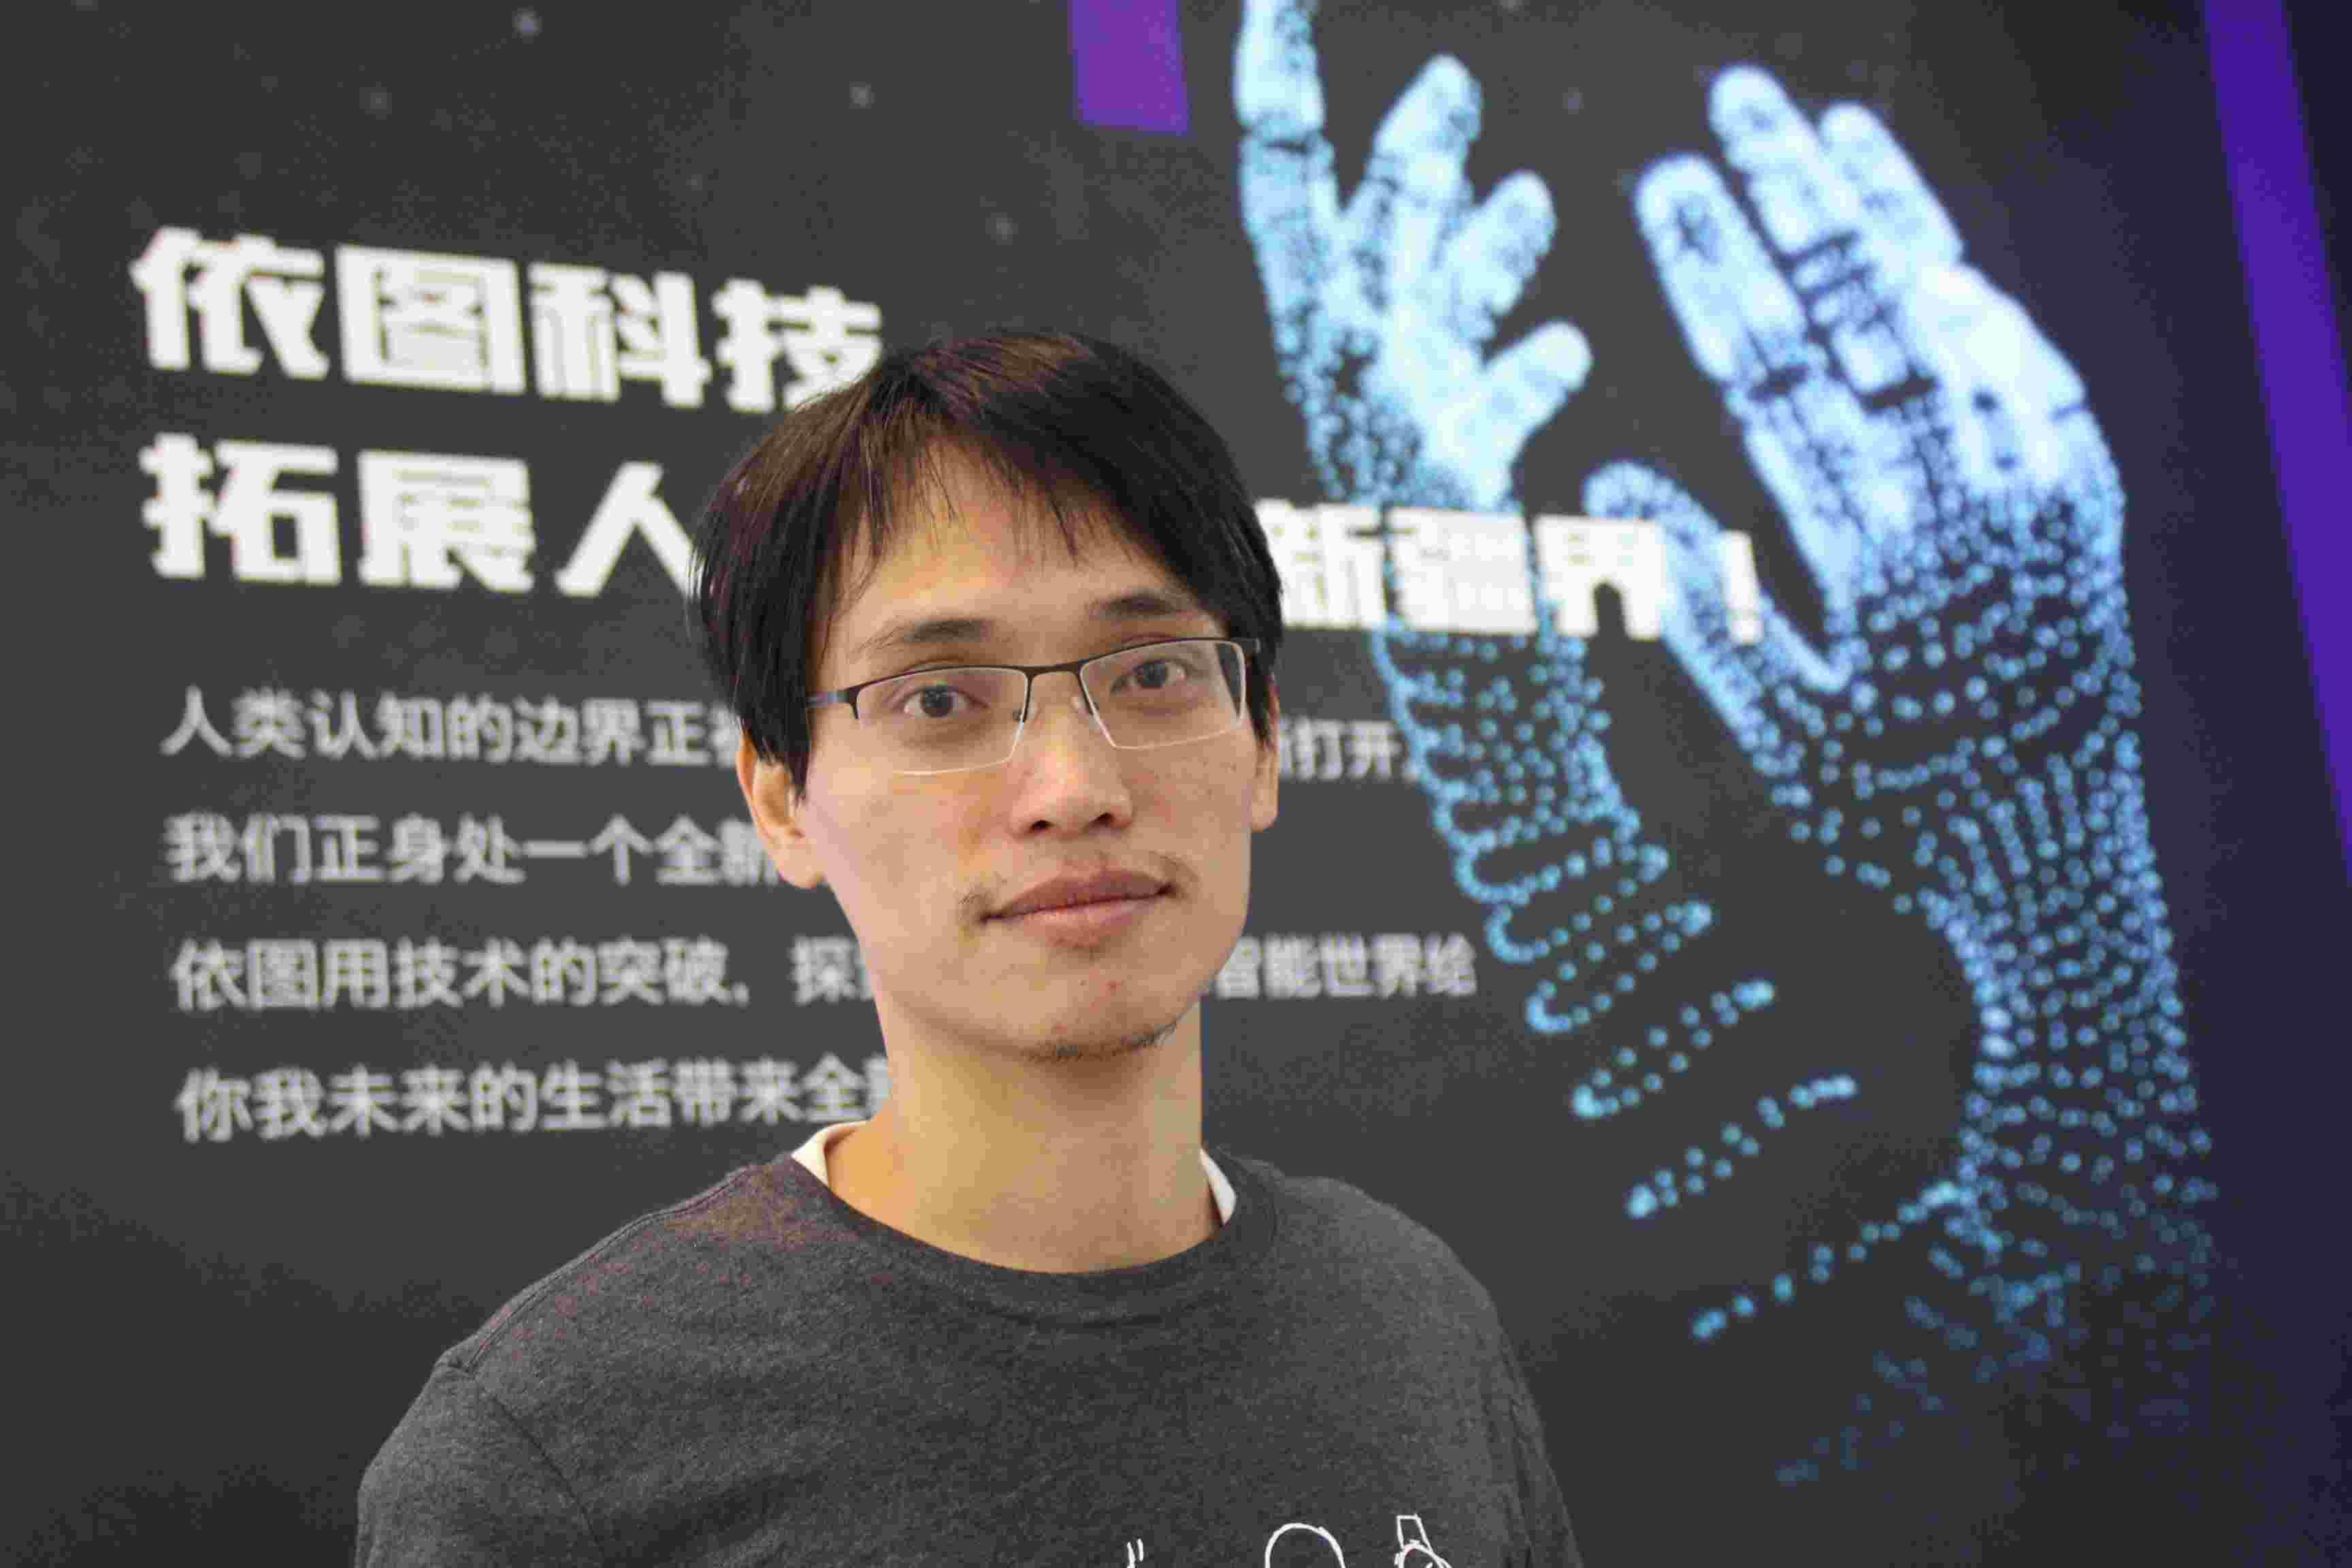 林晨曦,依图科技,依图识人,在人工智能上遇见全世界